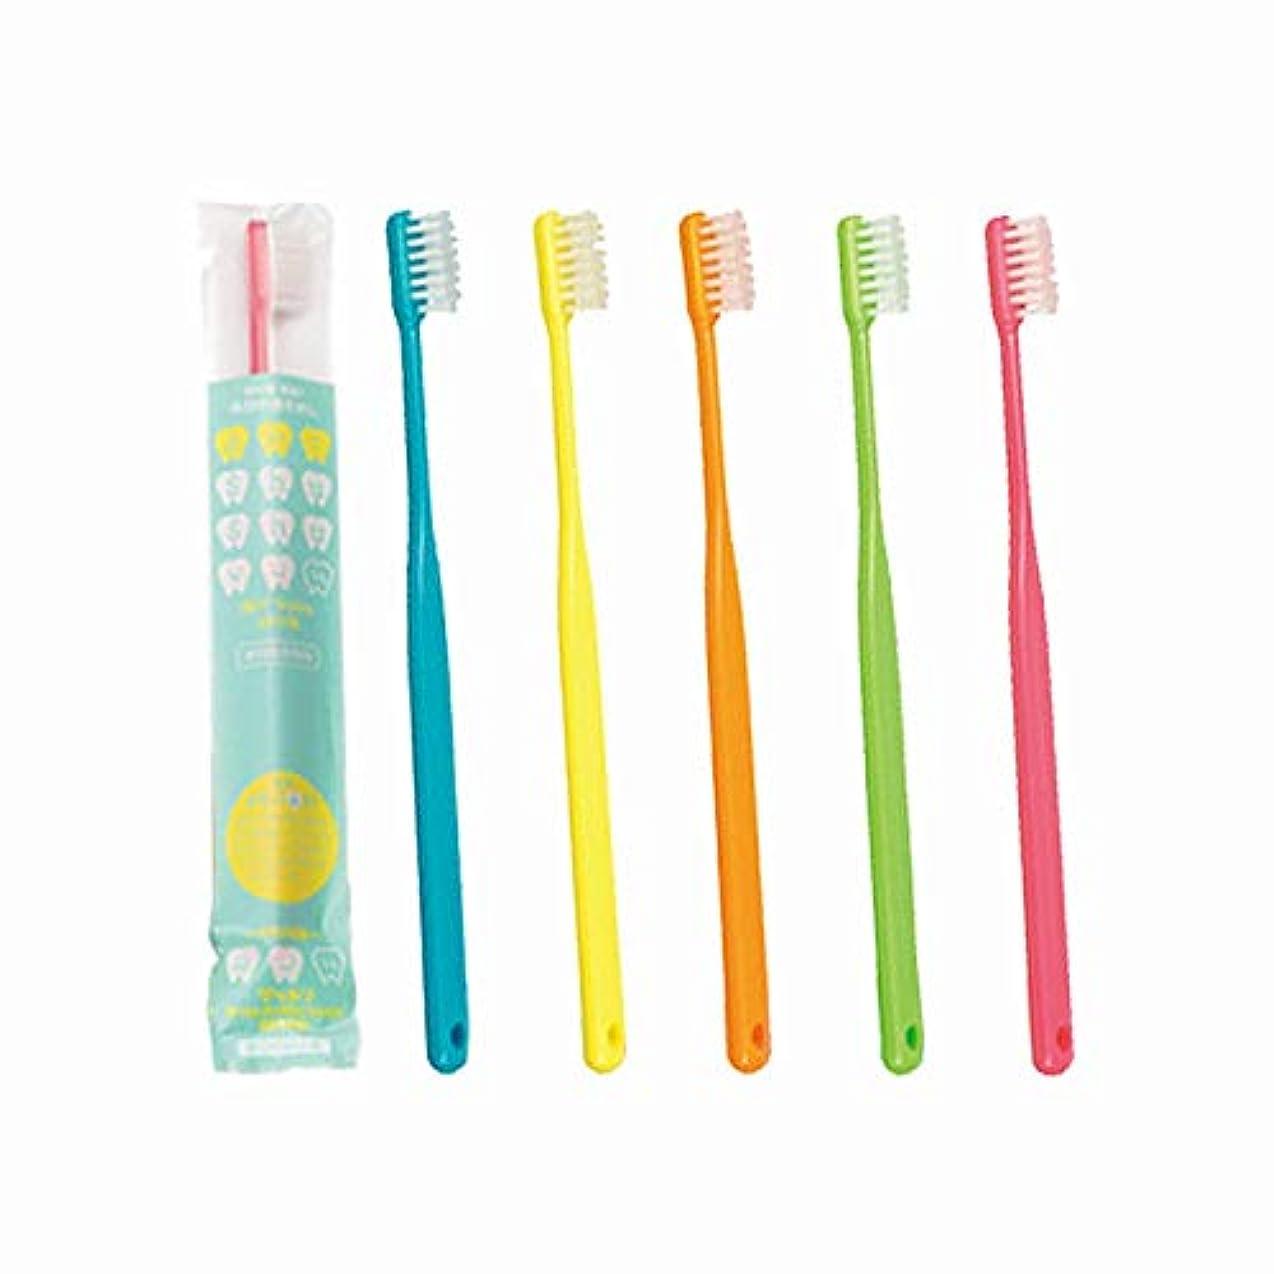 意気込み注釈を付ける美容師大人用歯ブラシ 歯科専売品 FEED(フィード) 占い!Shu Shu(うらないシュシュ)歯ブラシ×10本 (ふつう(M), 色はおまかせ)